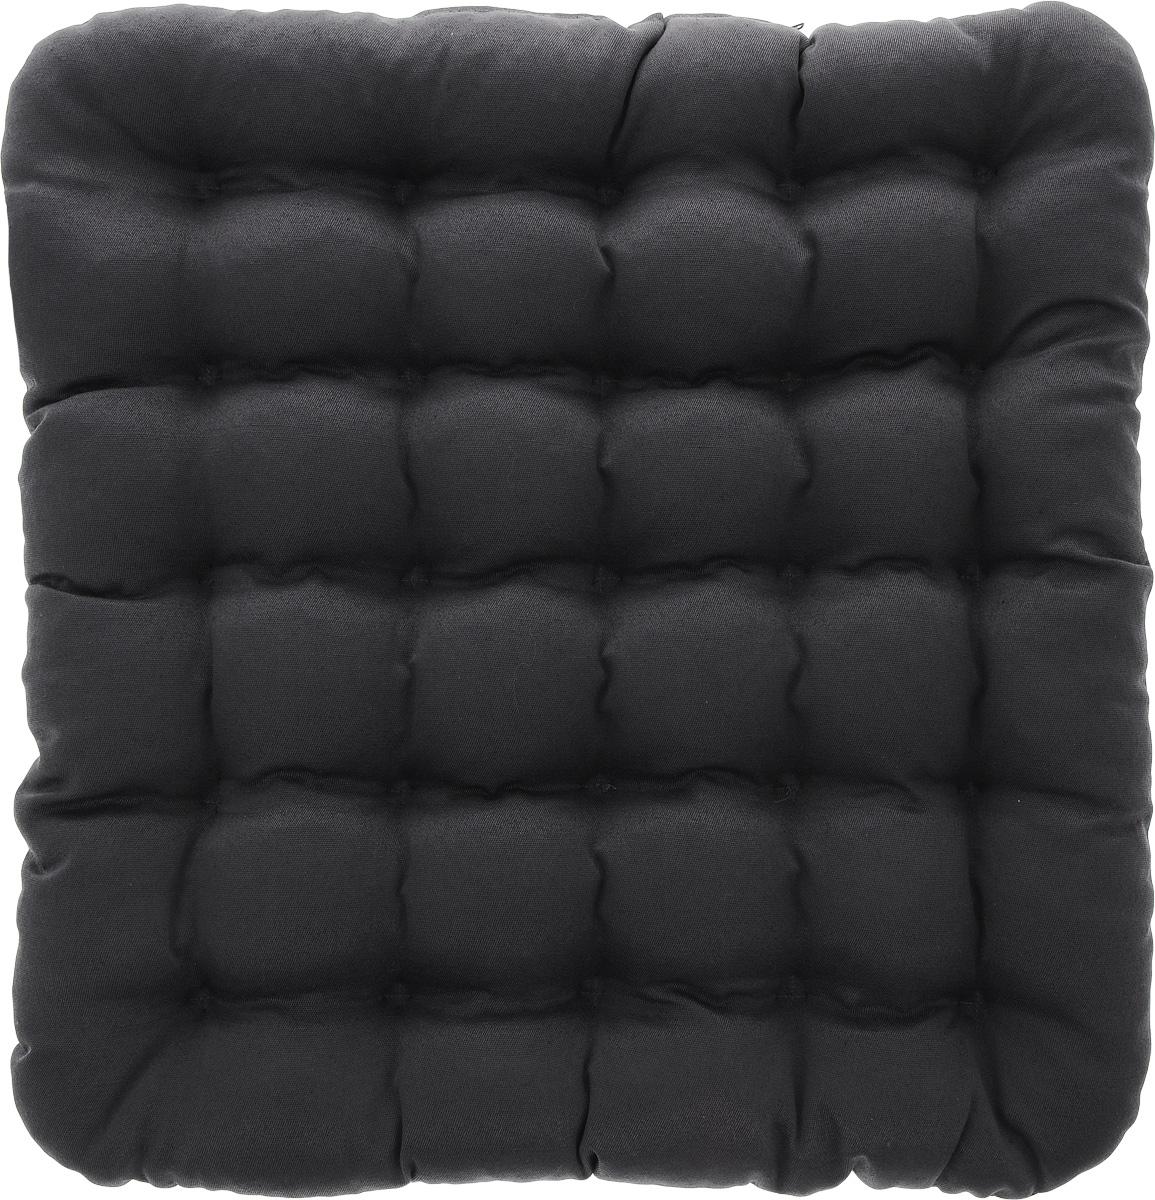 Подушка на стул Smart Textile Уют, наполнитель: лузга гречихи, 40 х 40 смT428Квадратная подушка Smart Textile Уют выполнена из хлопчатобумажной ткани и полиэстера, внутри - наполнитель из лепестков гречишной лузги. Изделие простегано на ячейки, тем самым обеспечивая еще больший массажный эффект, а плотная износостойкая ткань хорошо удерживает наполнитель, сохраняет форму и обеспечивает долгий срок службы. Такая подушка обладает множеством полезных качеств: - Хорошо проветривается; - Предупреждает потение; - Поддерживает комфортную температуру; - Обминается по форме тела; - Обеспечивает микромассаж; - Улучшает кровообращение; - Исключает затечные явления; - Предупреждает развитие заболеваний, связанных с сидячим образом жизни. Подушка Smart Textile Уют прекрасно подходит для любых стульев и кресел. Застежка-молния позволяет регулировать плотность наполненности подушки. Подушка упакована в пластиковую сумку-чехол на застежке- молнии с ручкой для комфортной переноски и хранения. ...